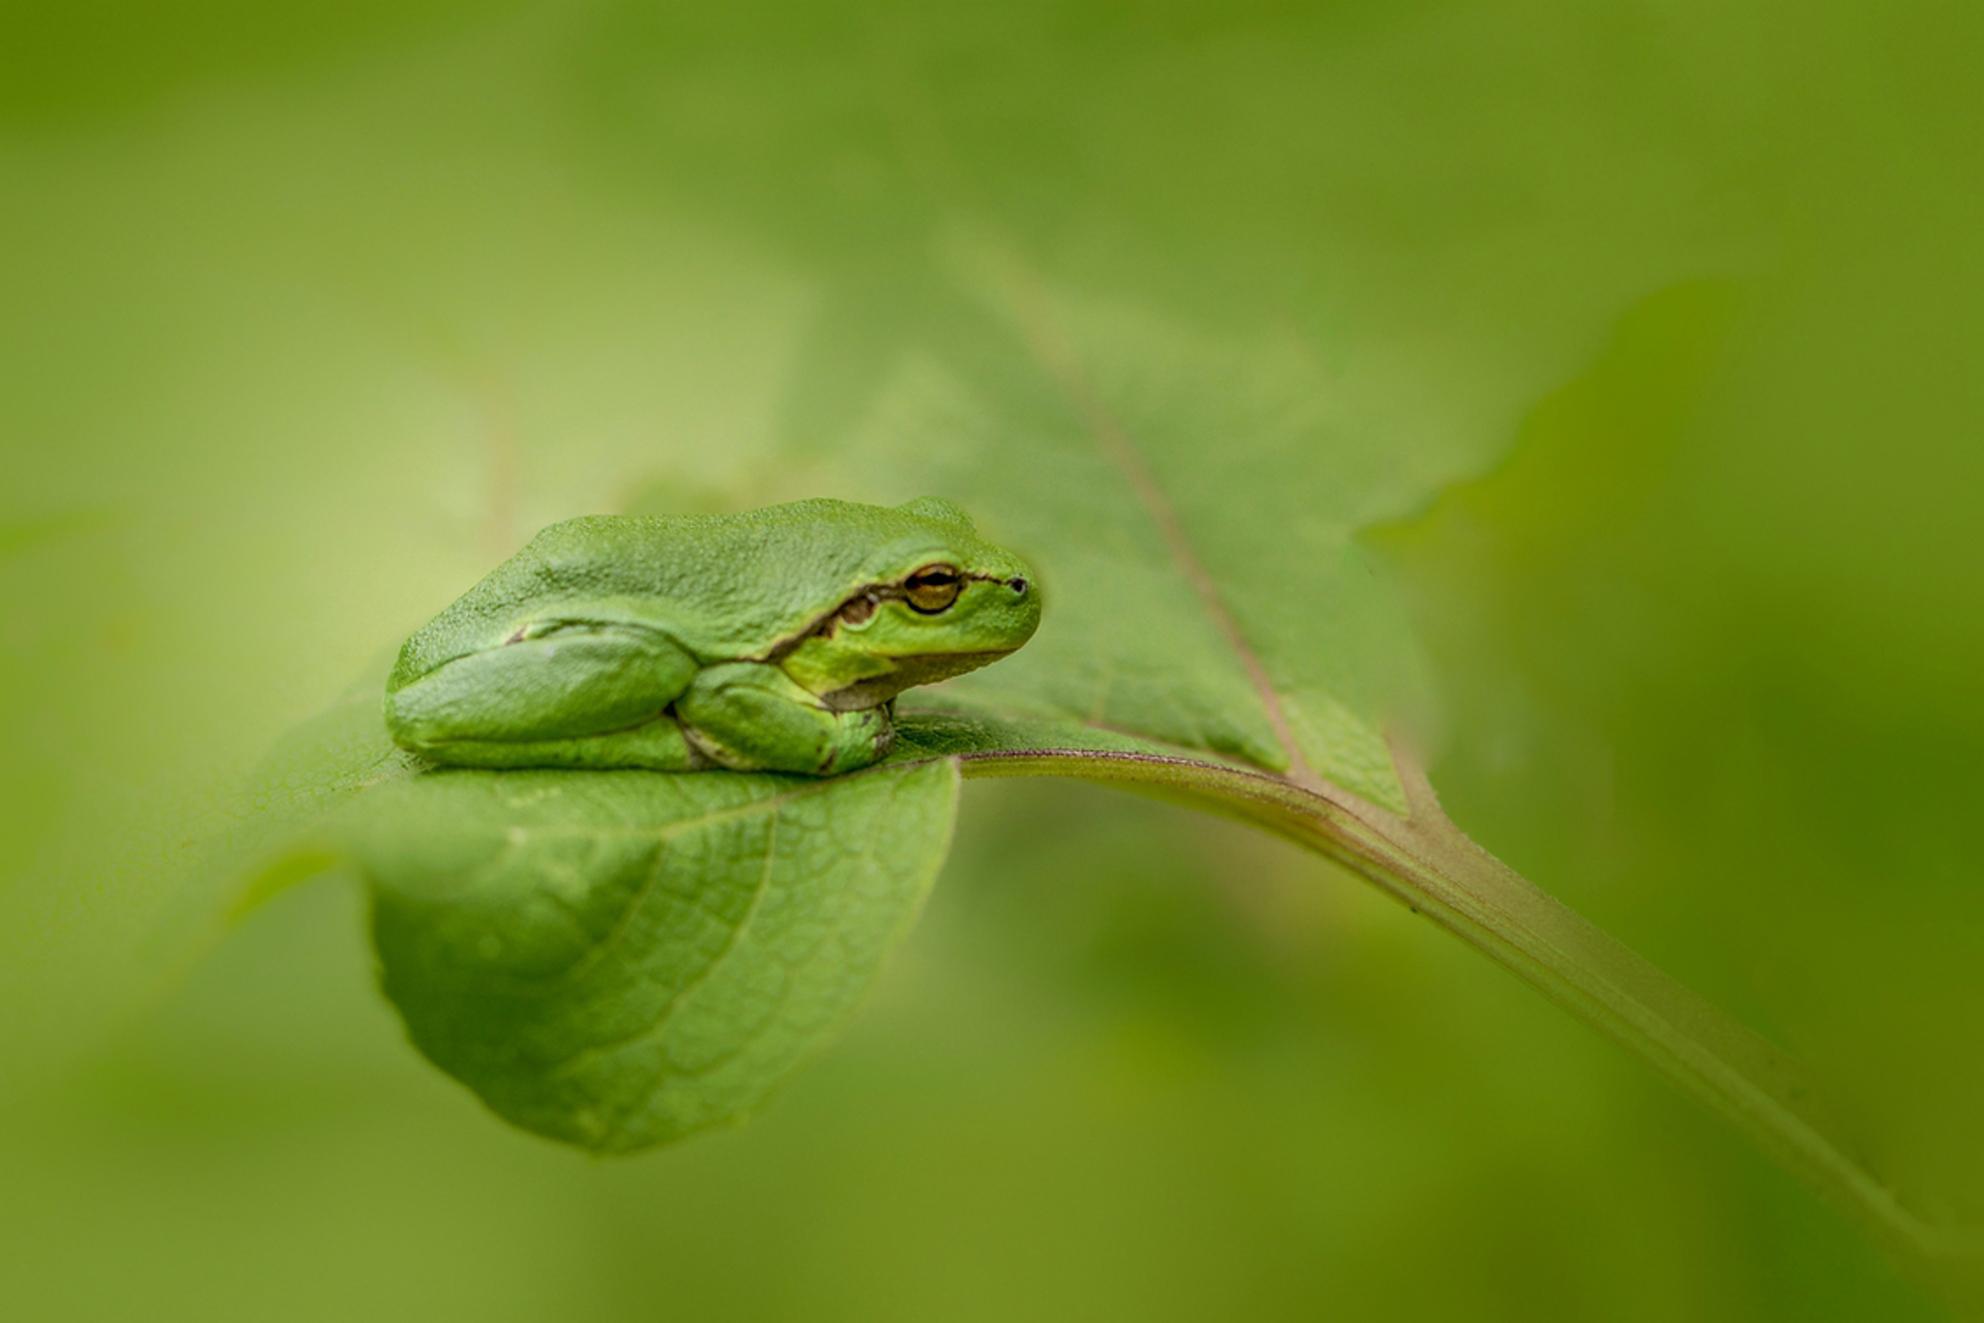 onopvallend... - afgelopen zomer deze kikkertjes weer eens kunnen fotograferen, ze vallen haast niet op in het groen met hun camouflagekleurtjes... - foto door MvanDijk op 04-11-2017 - deze foto bevat: groen, macro, kikker, natuur, geel, zomer, limburg, camouflage, boomkikker, Zoom.nl